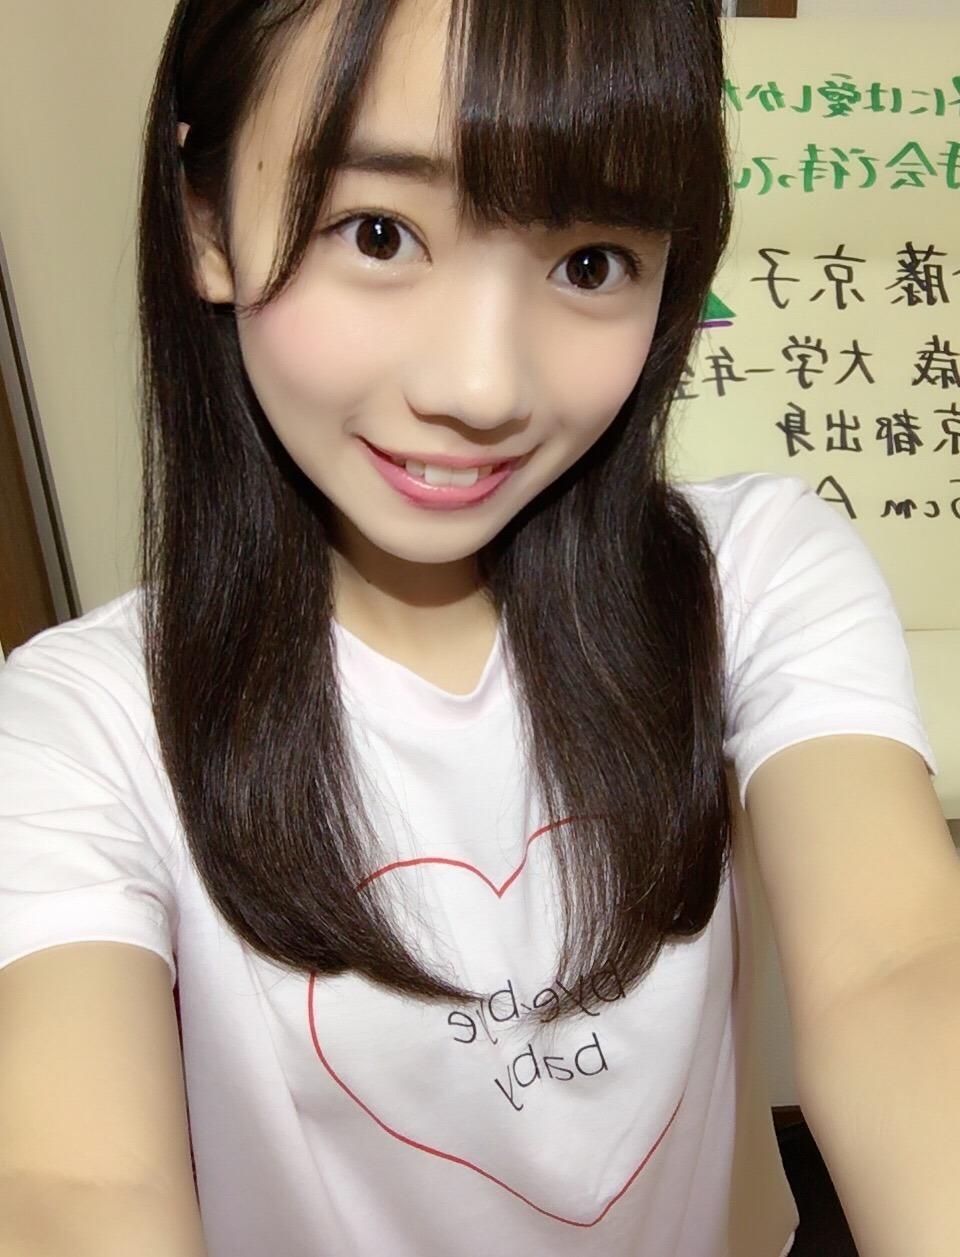 saitokyoko2